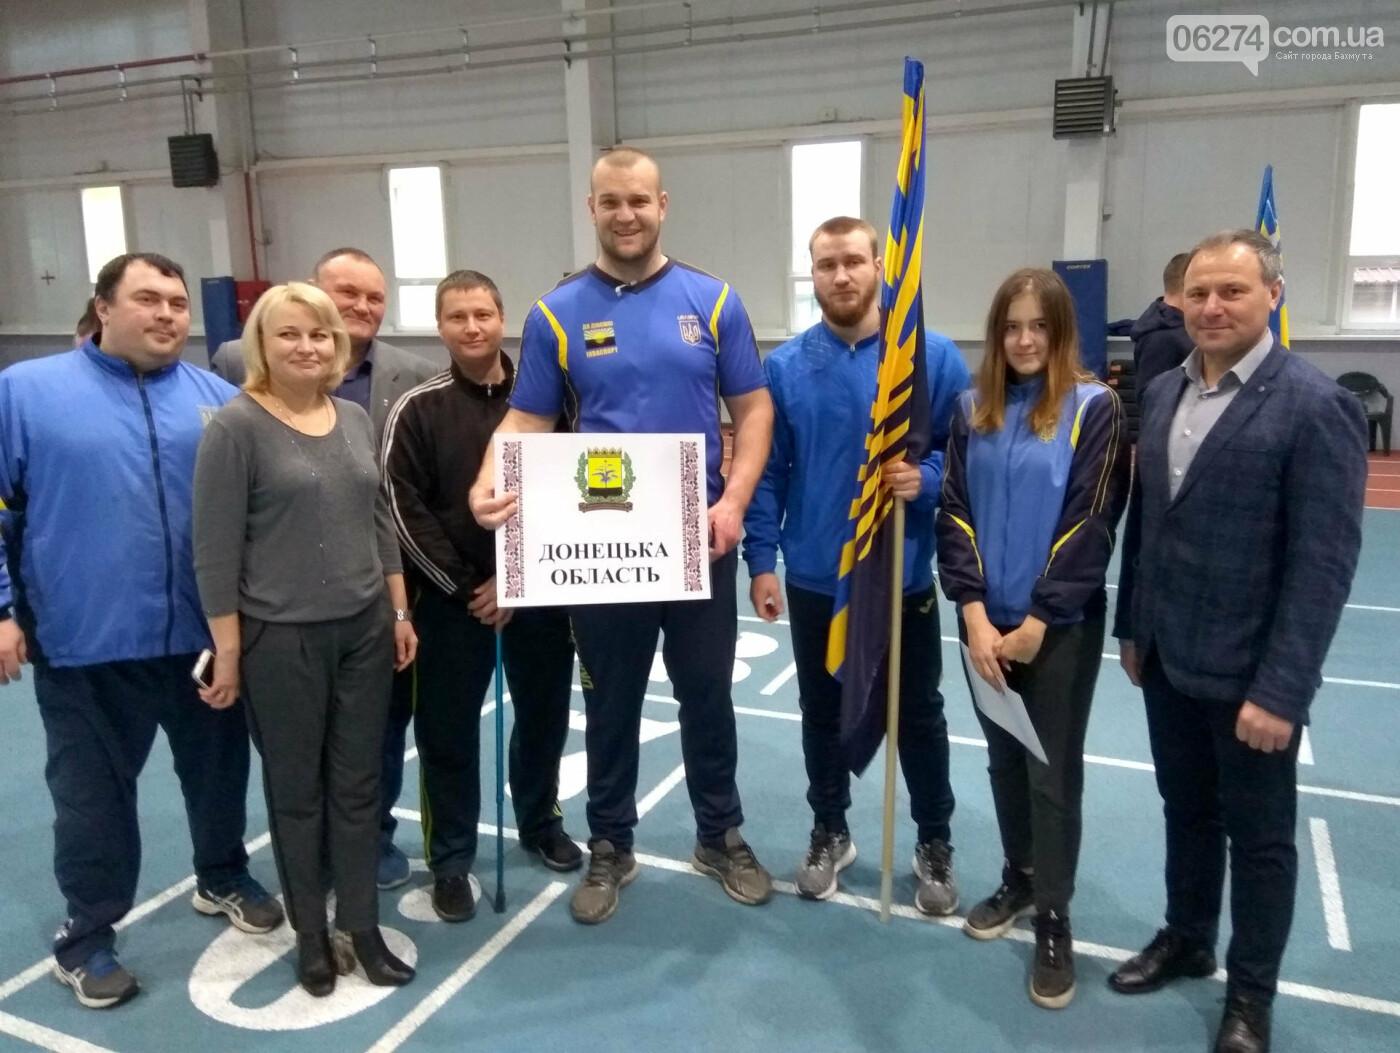 Бахмут принял чемпионат Украины по легкоатлетическим метаниям среди спортсменов с инвалидностью, фото-2